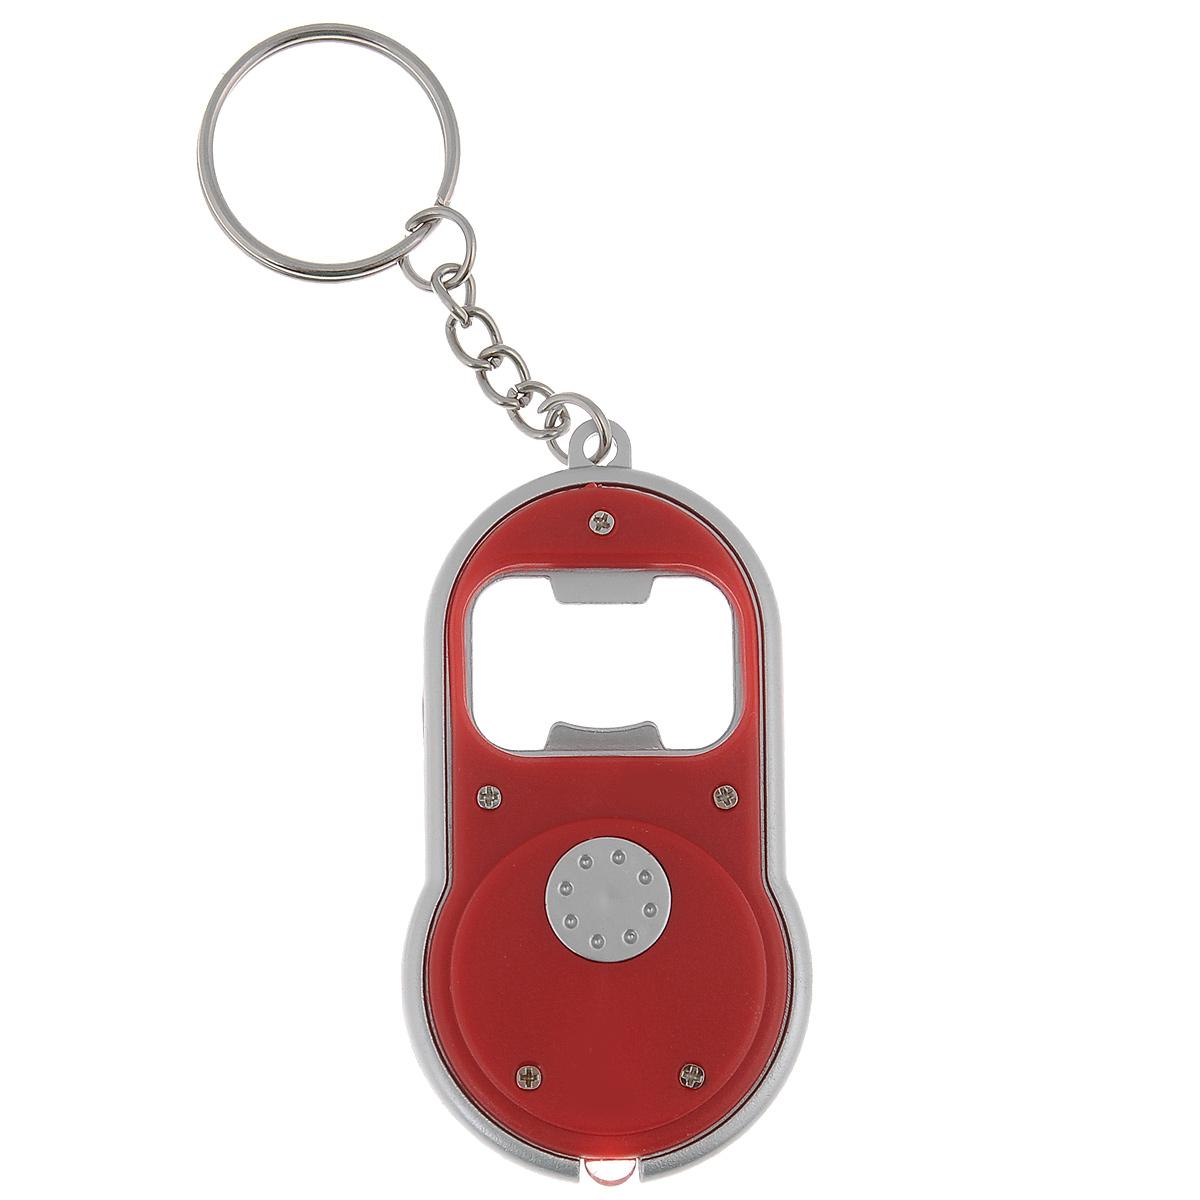 Брелок-открывалка для бутылок Bradex, с фонариком, цвет: красный, 4 см х 7 см